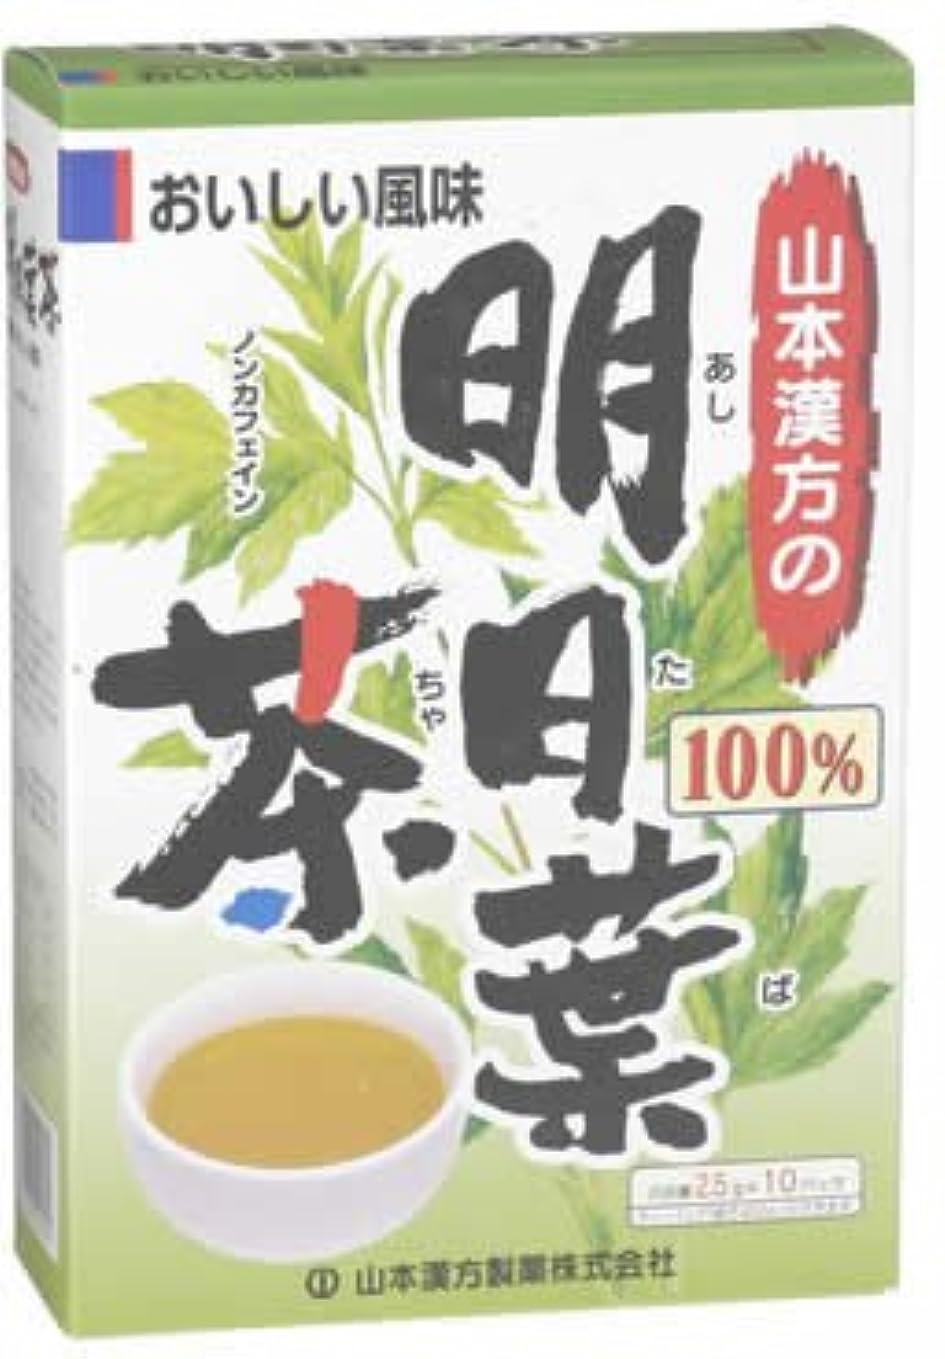 子猫斧召集する山本漢方製薬 明日葉茶100% 2.5gX10H